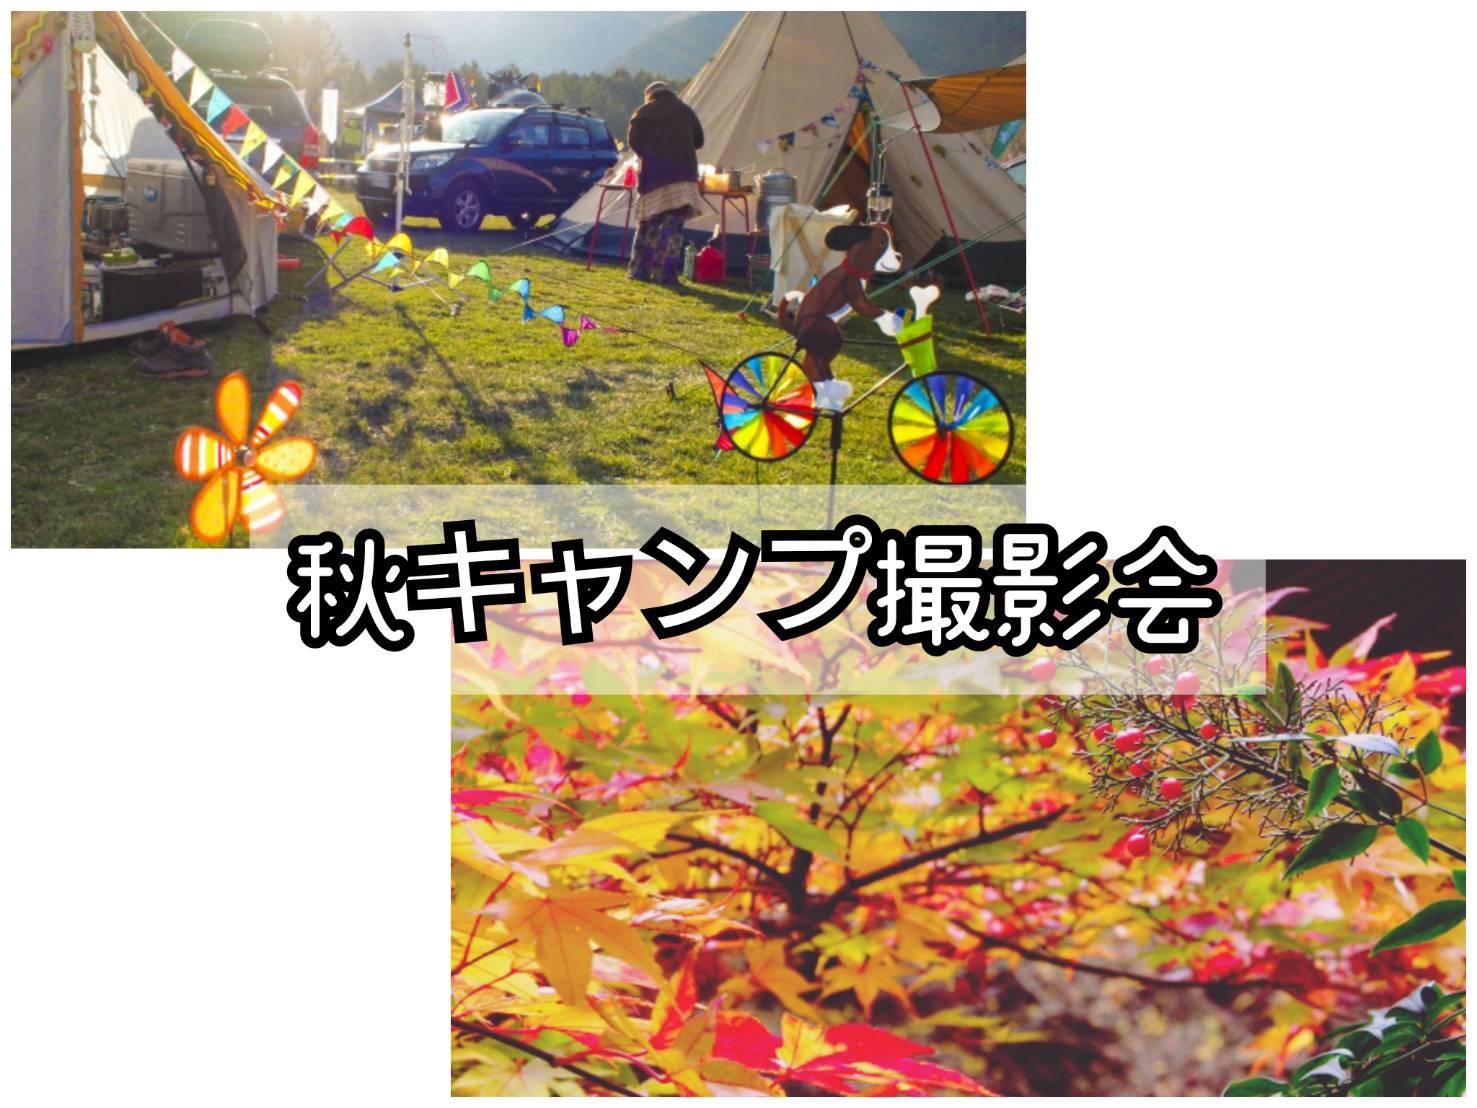 9/30 秋のキャンプ撮影会【撮影小物を使ってスマホで撮ろう!】